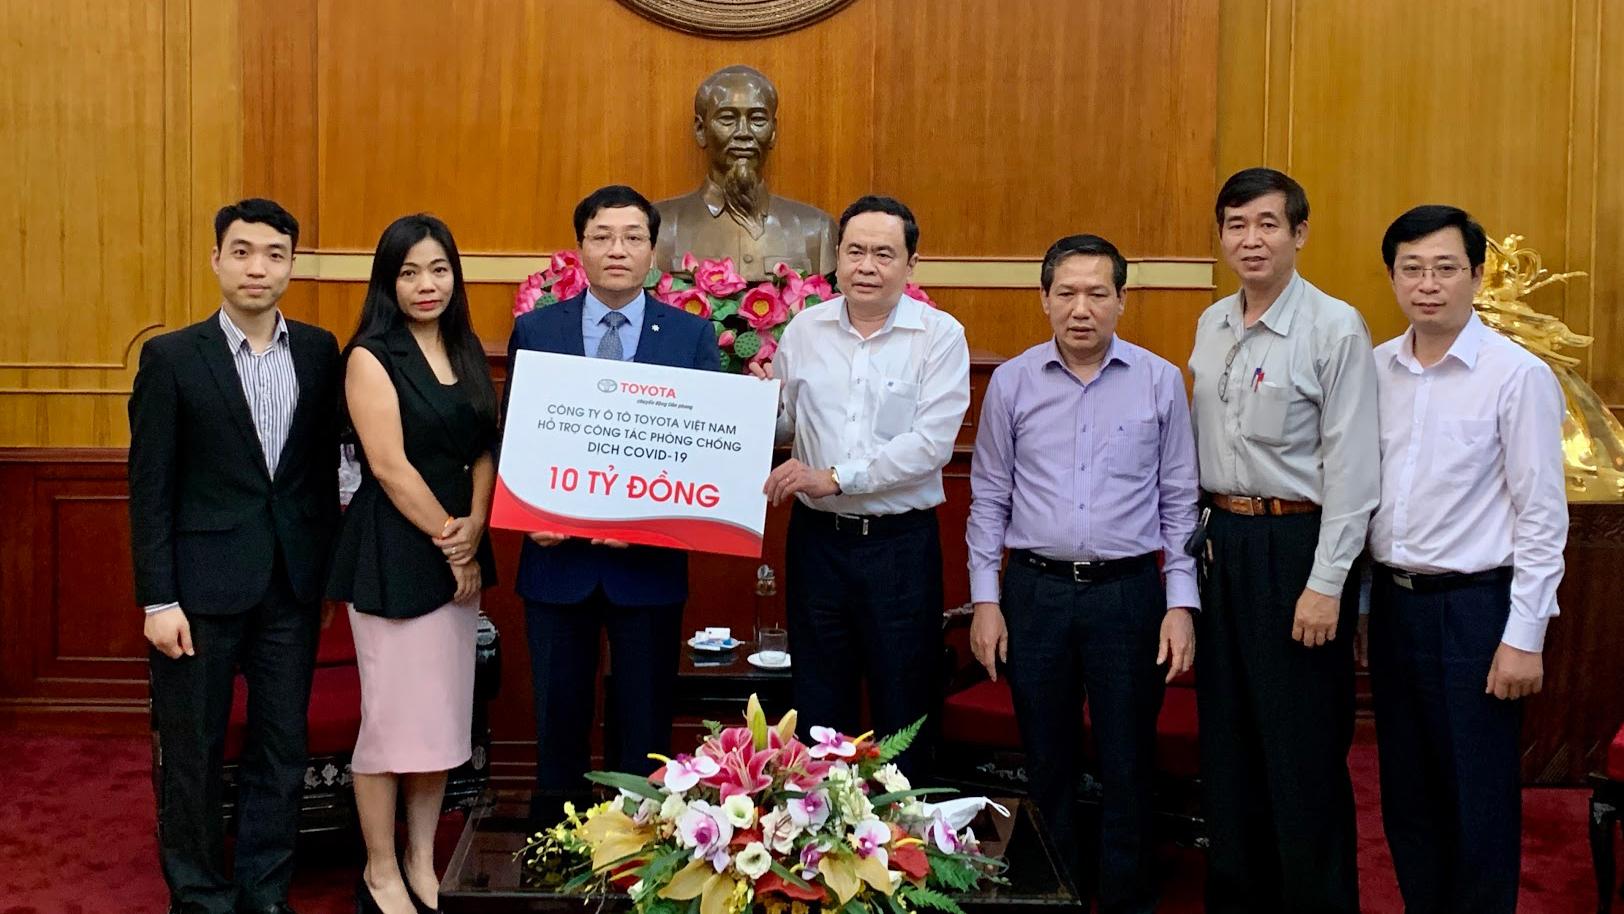 Toyota Việt Nam ủng hộ 10 tỷ đồng chống dịch Covid-19